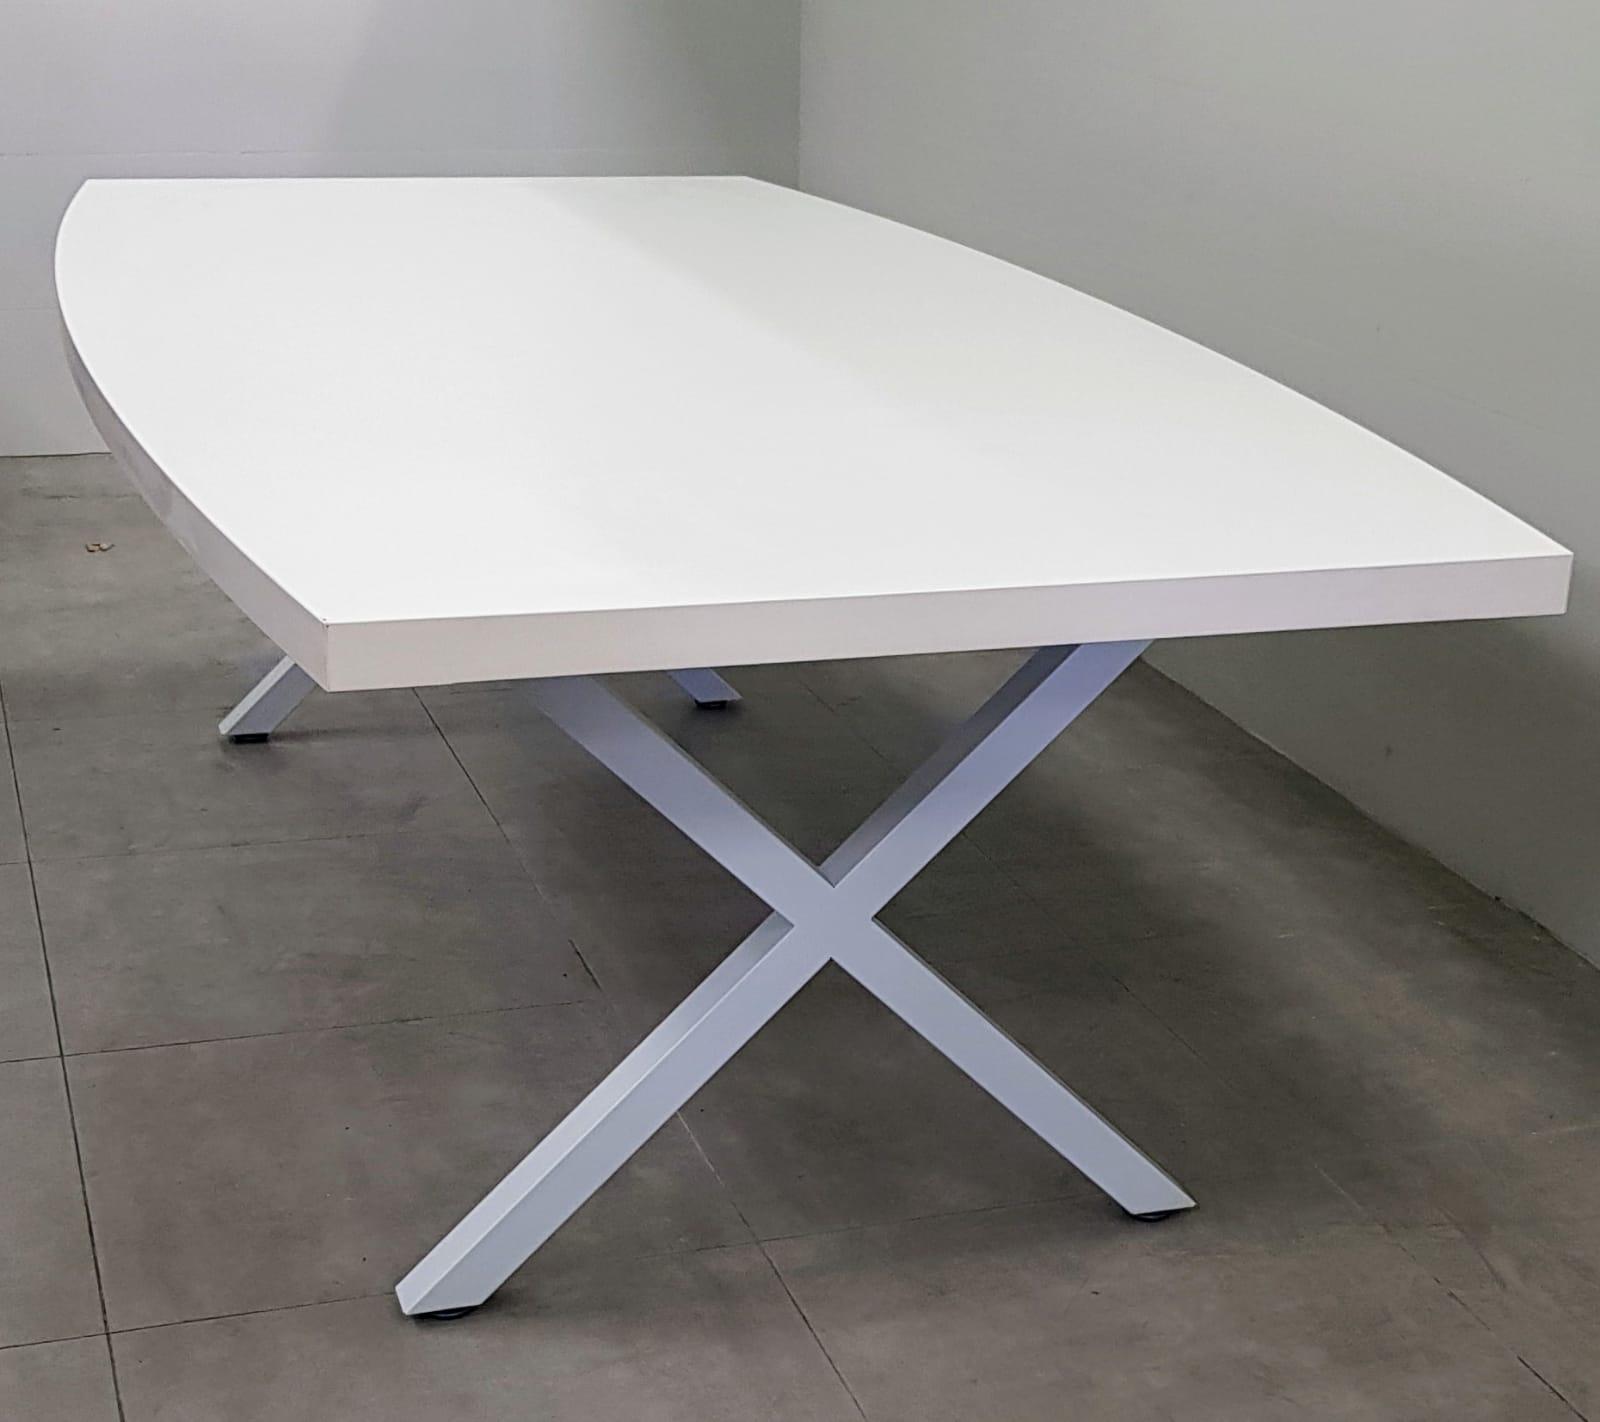 שולחן ישיבות אובלי 200X100 / 240X120 בצבע לבן רגל לבן